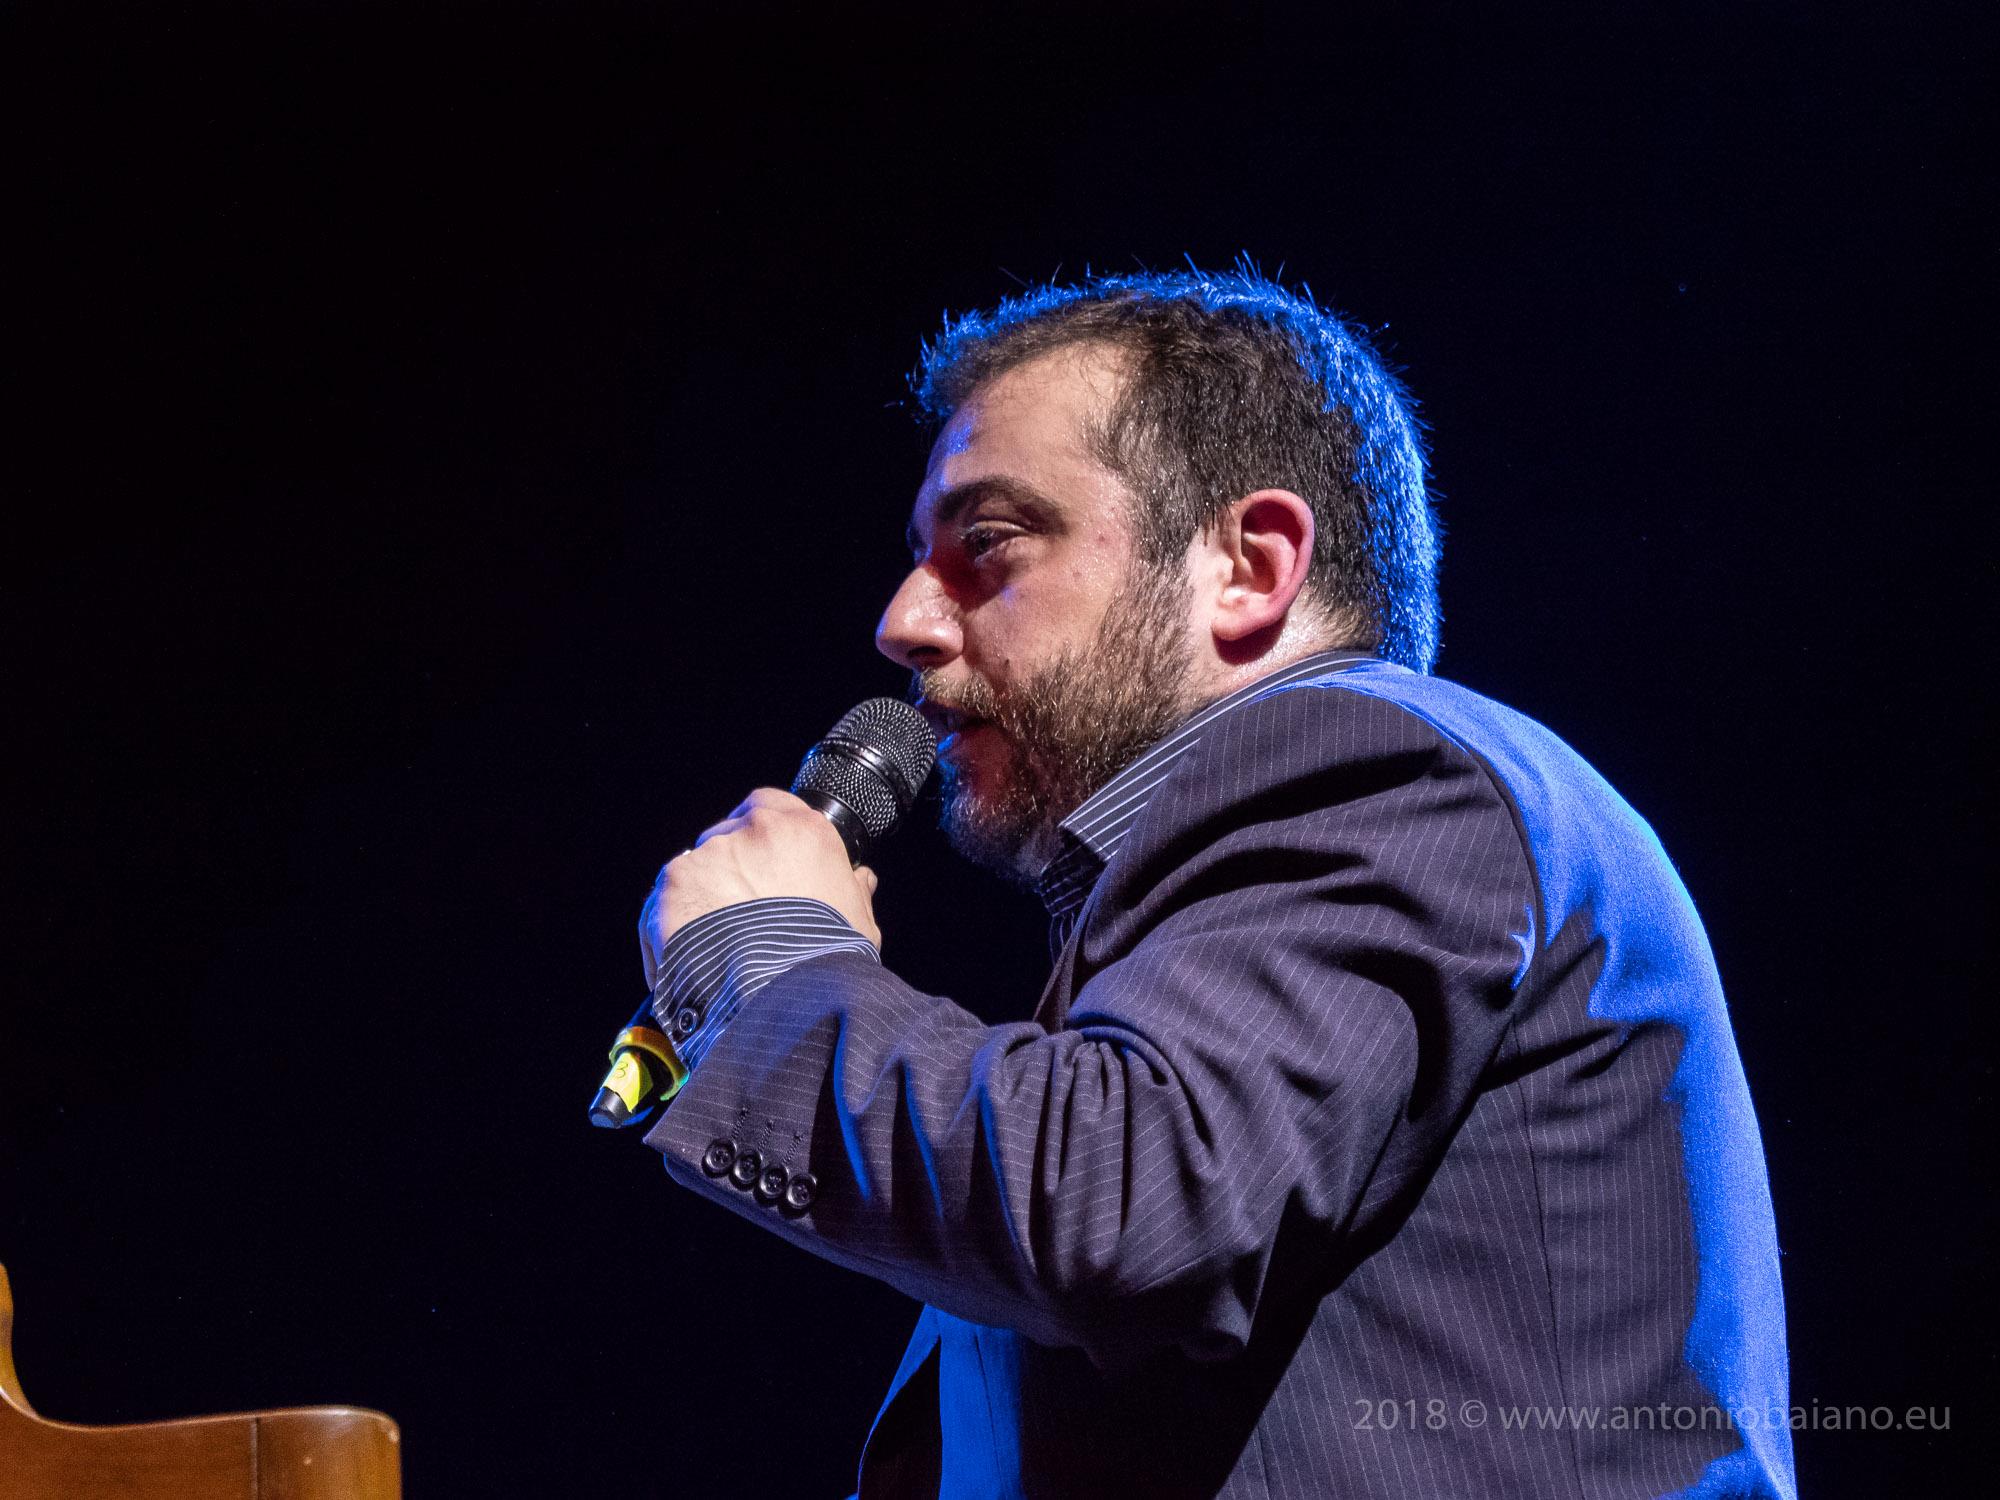 Alberto Gurrisi - TJF 2018